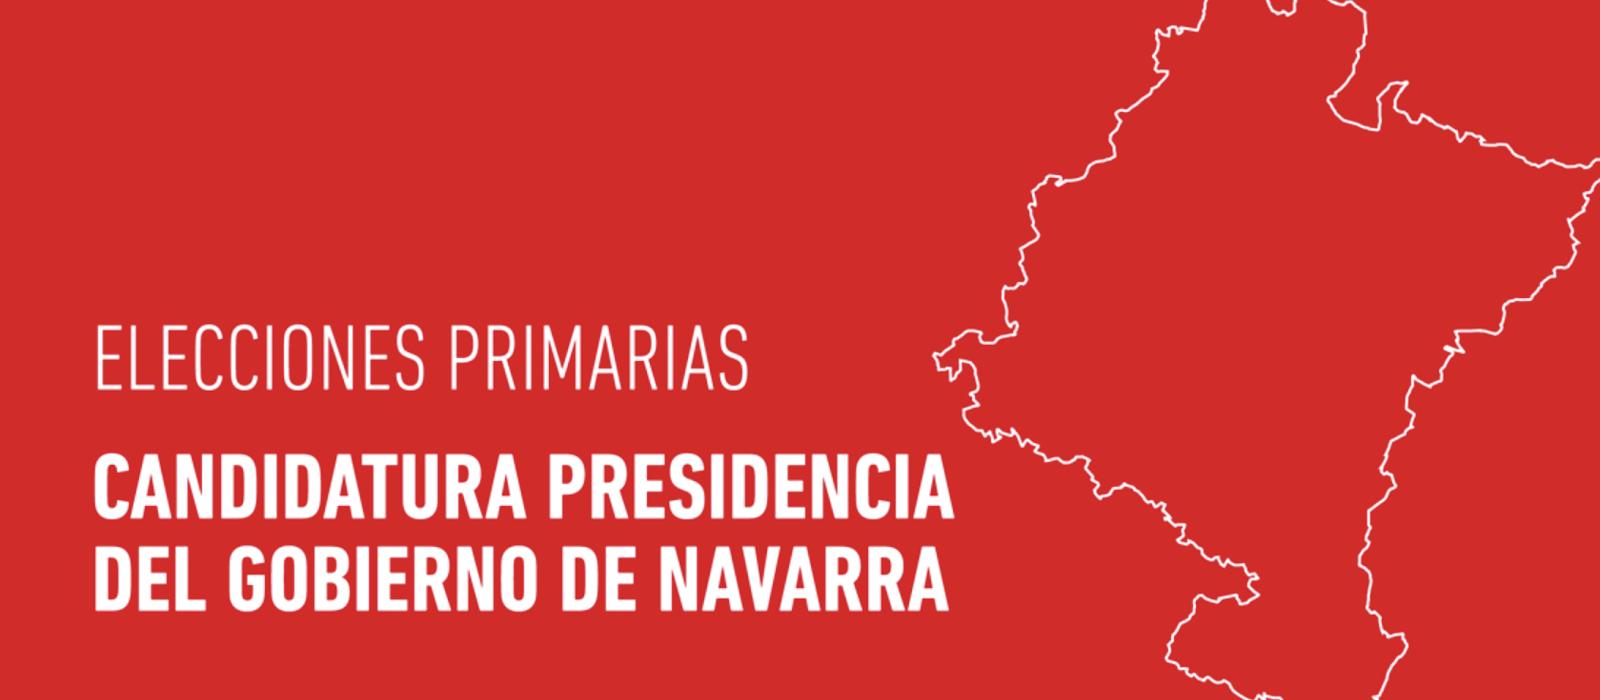 PRIMARIAS PRESIDENCIA DEL GOBIERNO DE NAVARRA